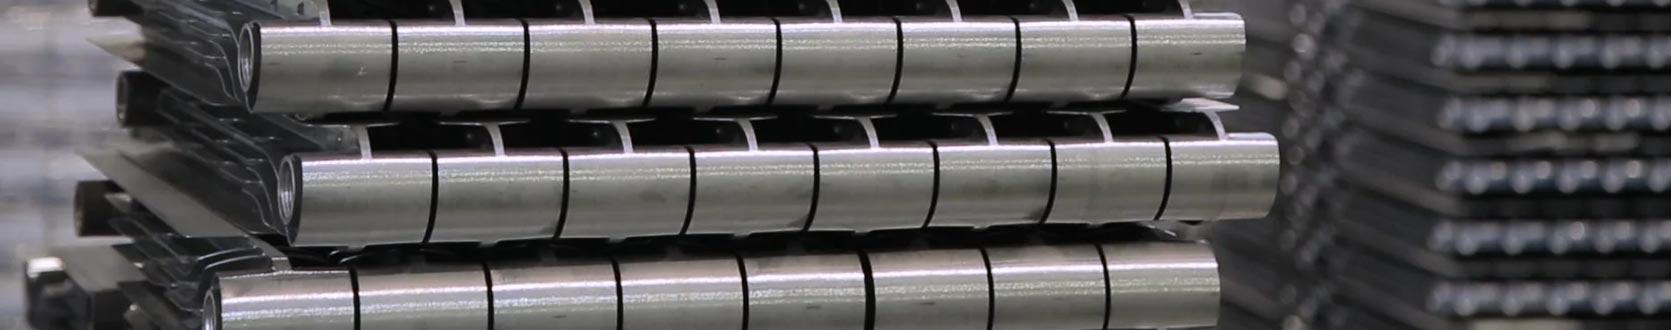 Raw aluminium radiator without paint or finish